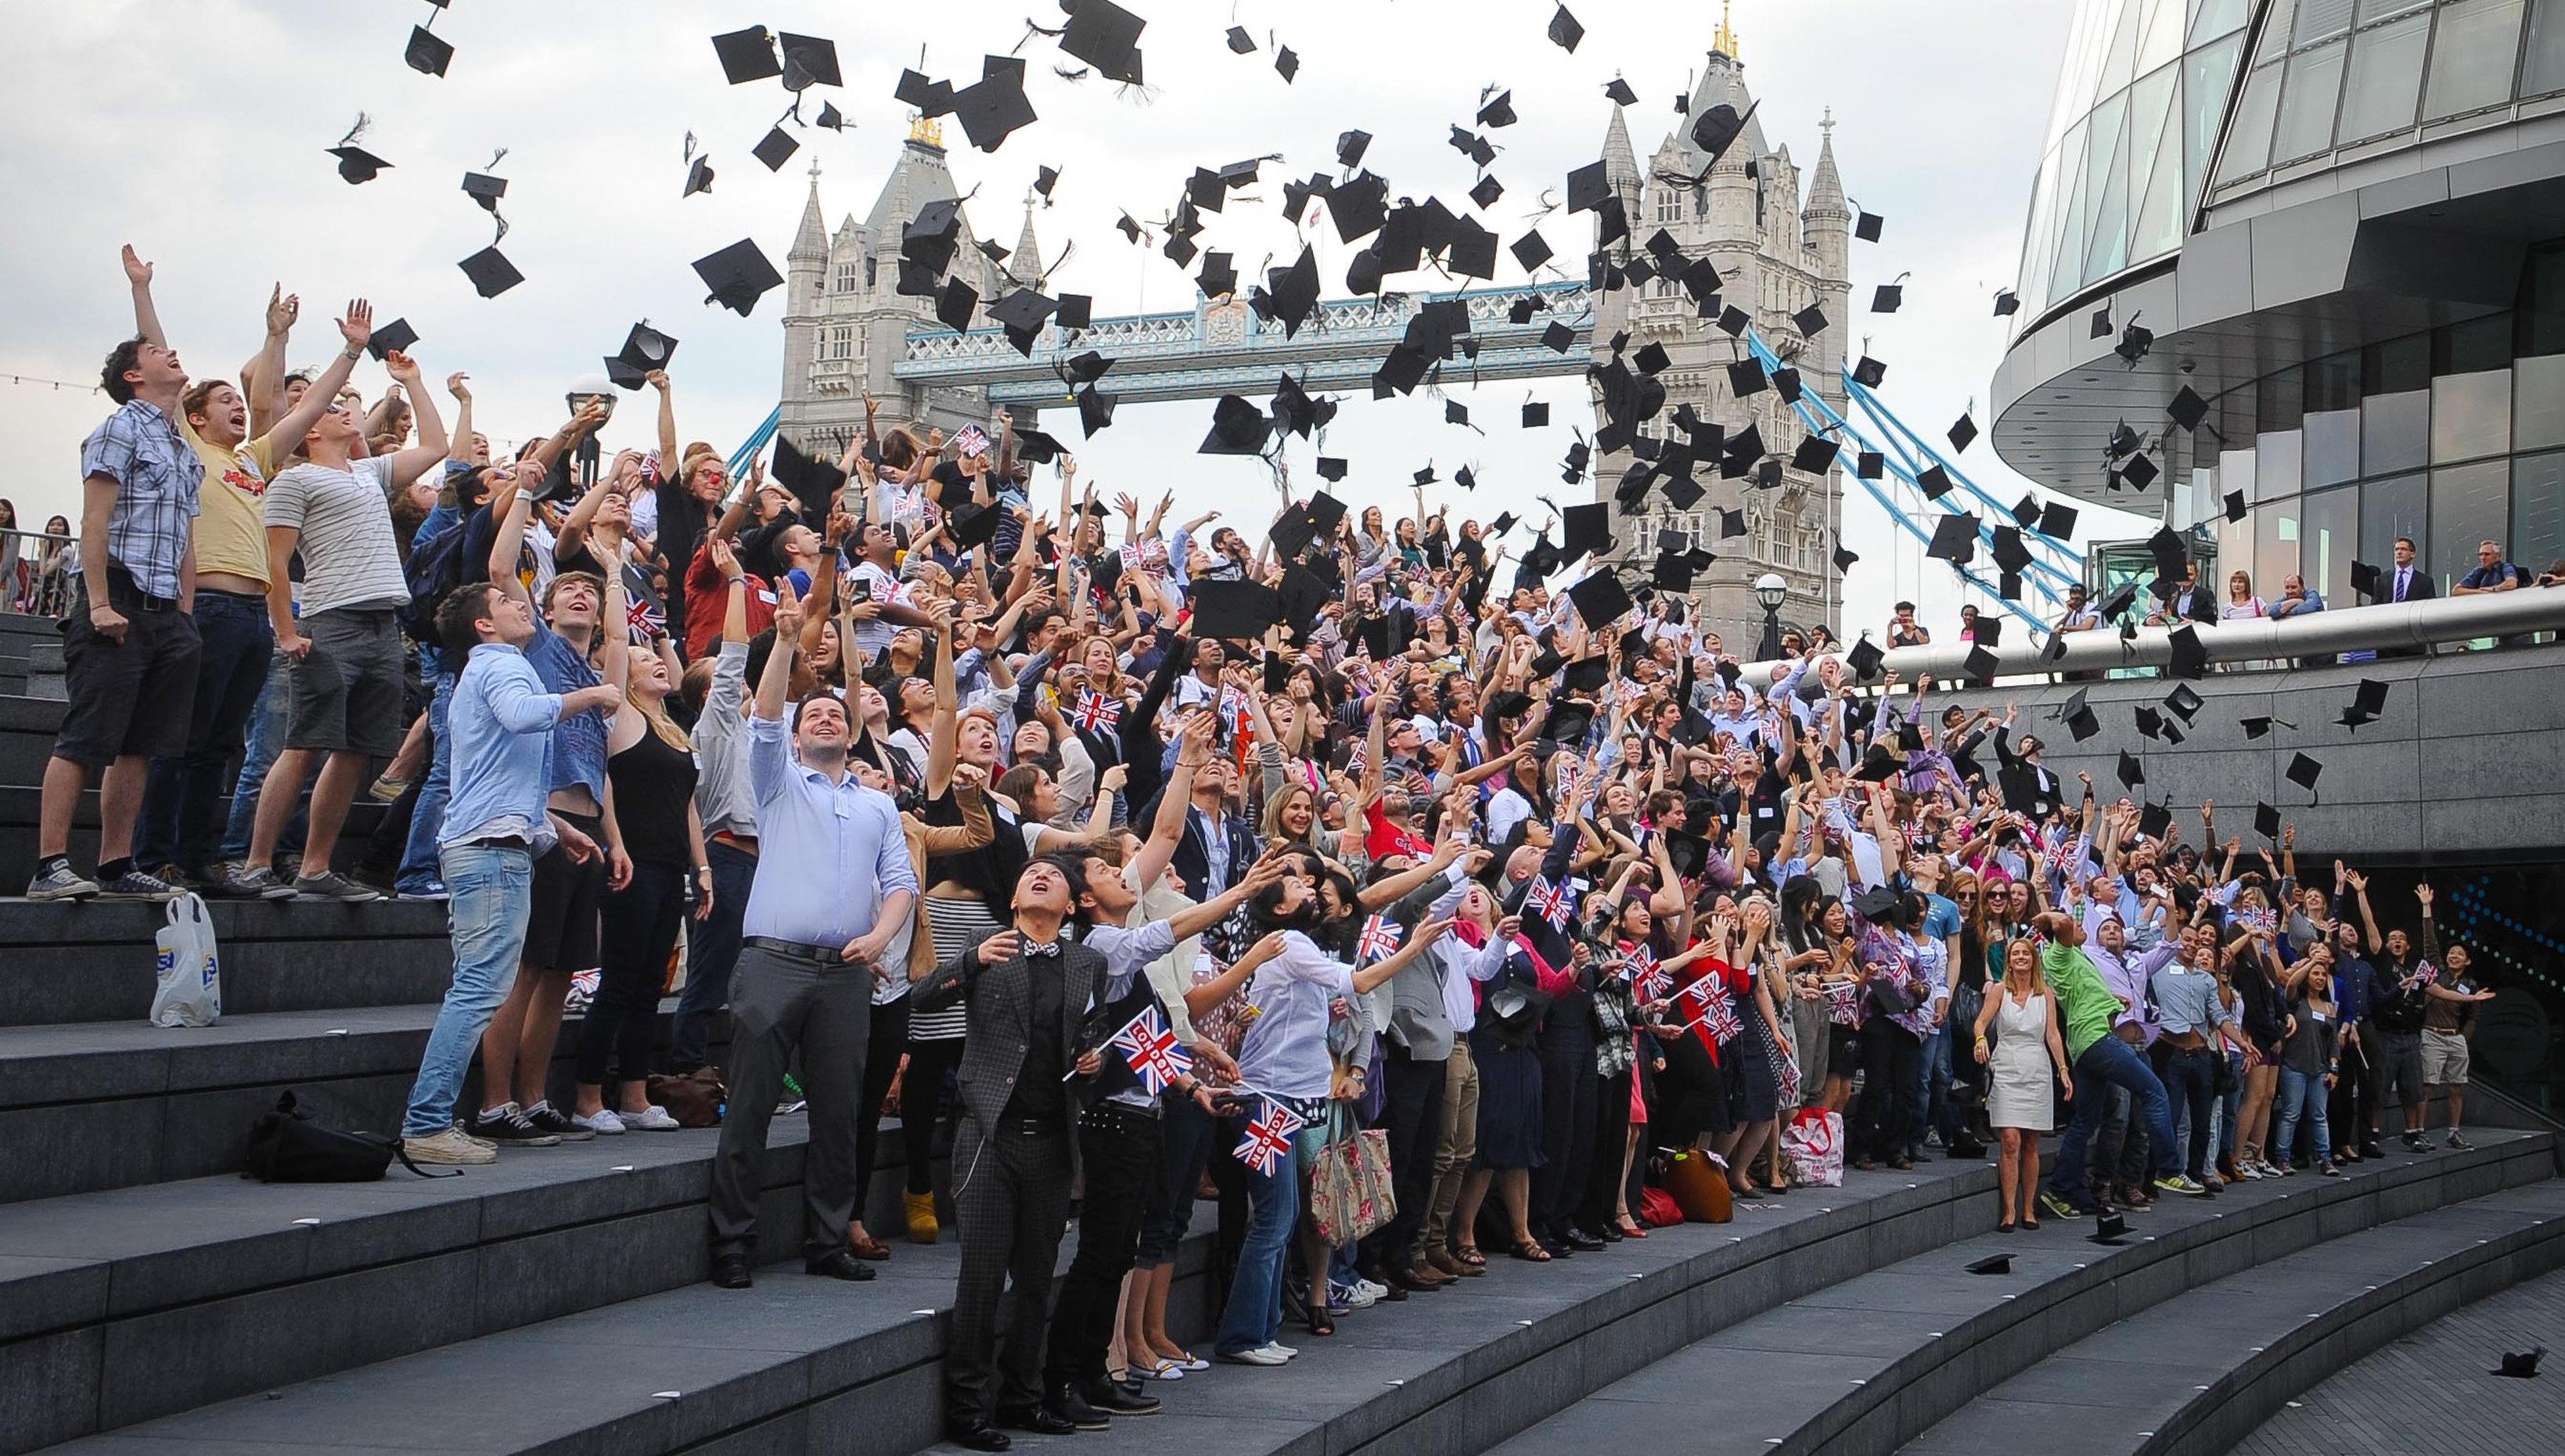 30 мая 2012 года. 250 международных студентов устанавливают мировой рекорд по количеству подброшенных в воздух академических головных уборов. Фото взято с сайта Guinness World Records.